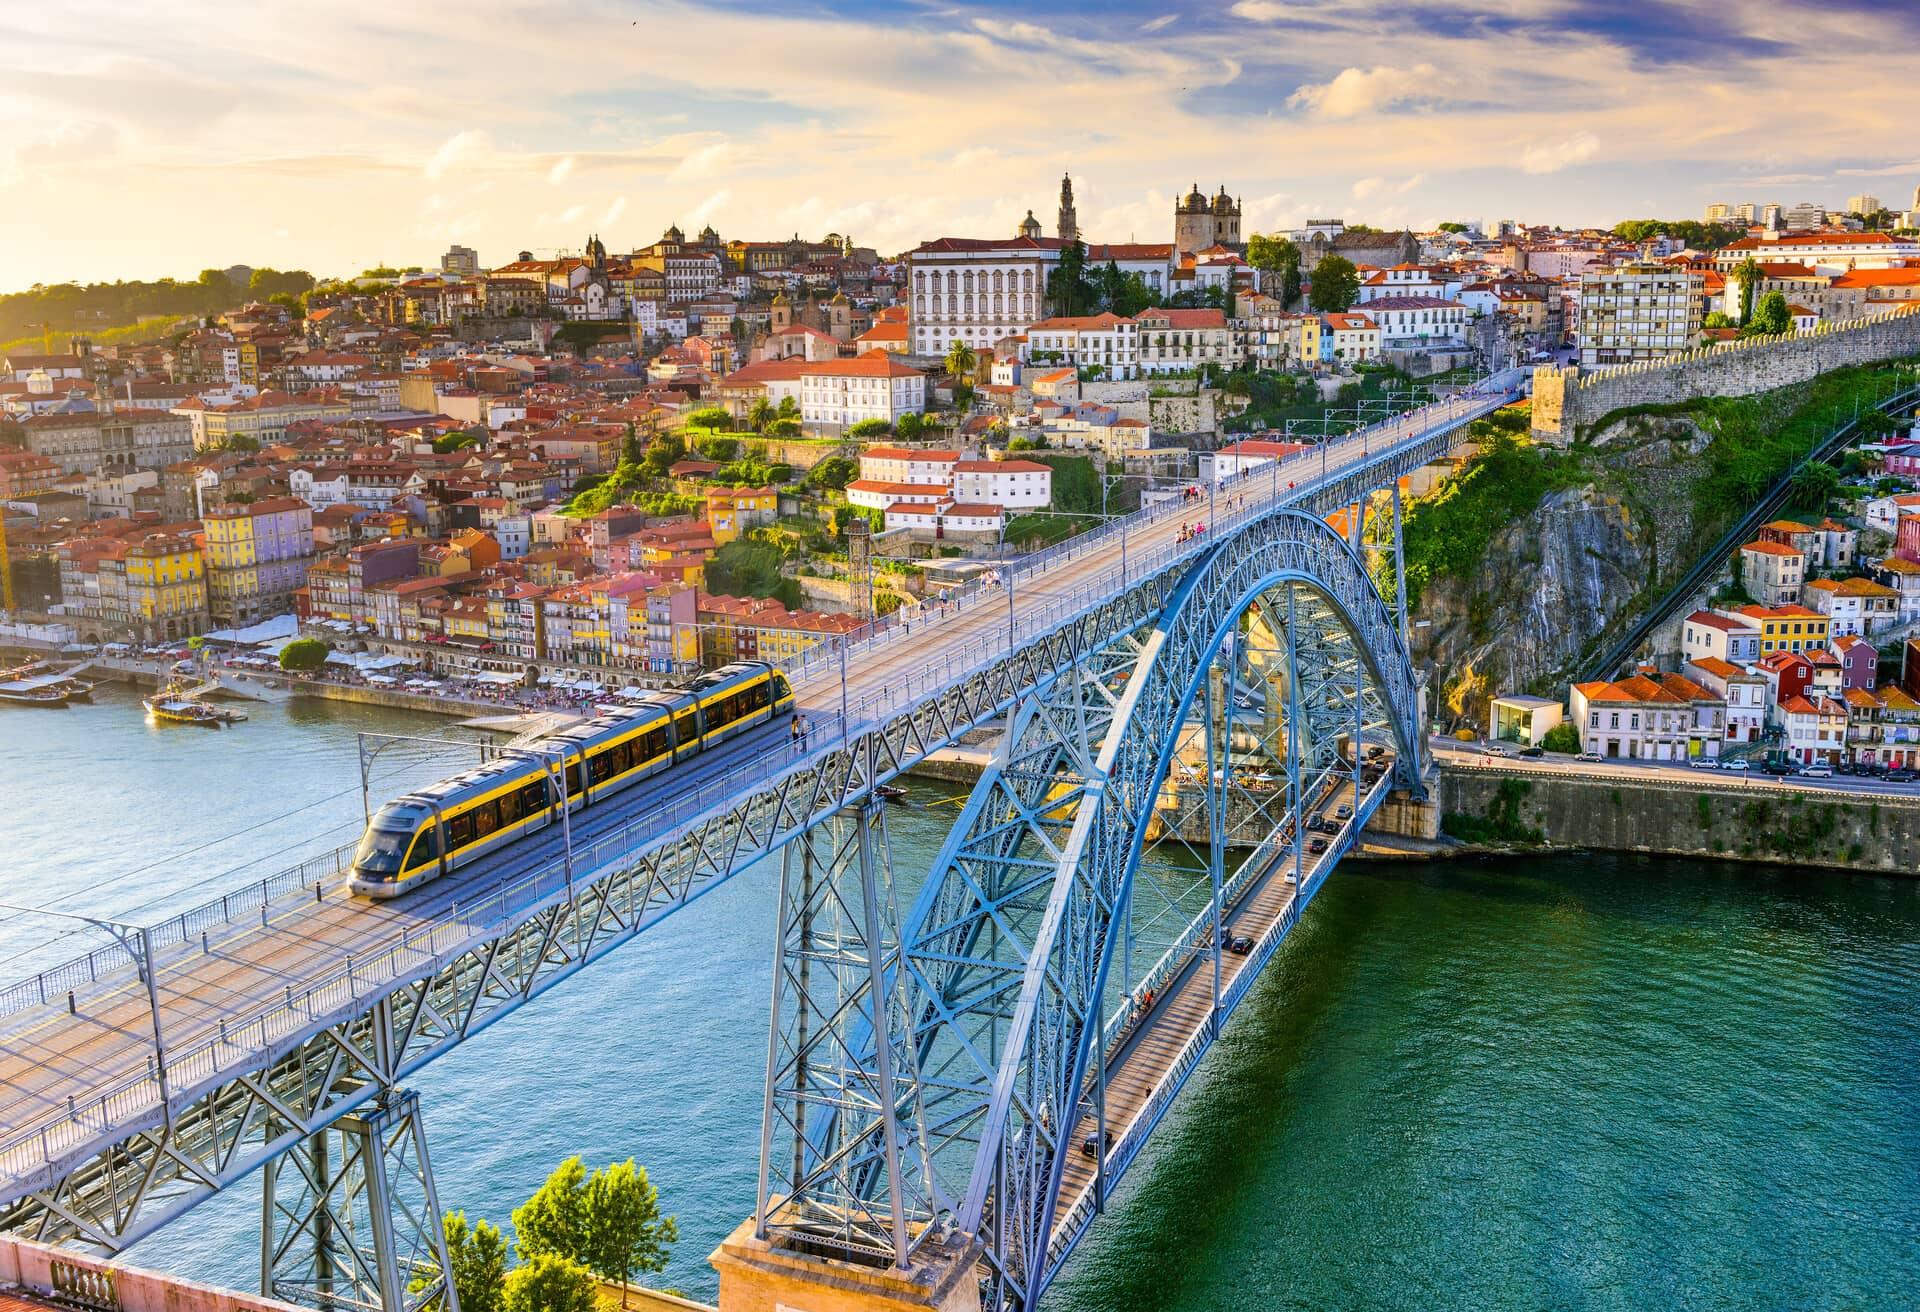 Portugal cityscape on the Douro River and Dom Luis I Bridge.